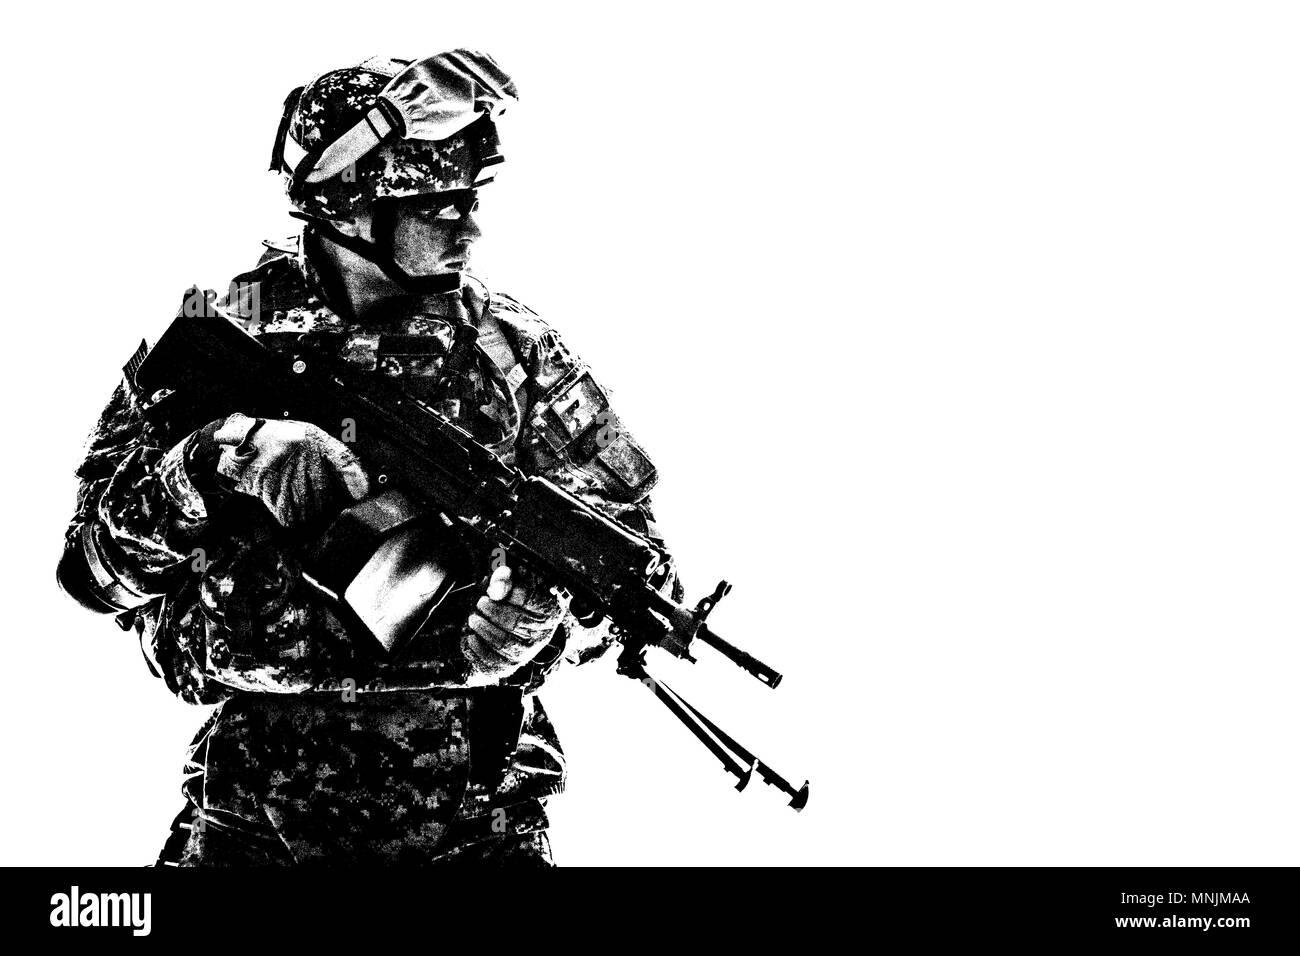 Us Marines Machine Gun Military Stockfotos & Us Marines Machine Gun ...